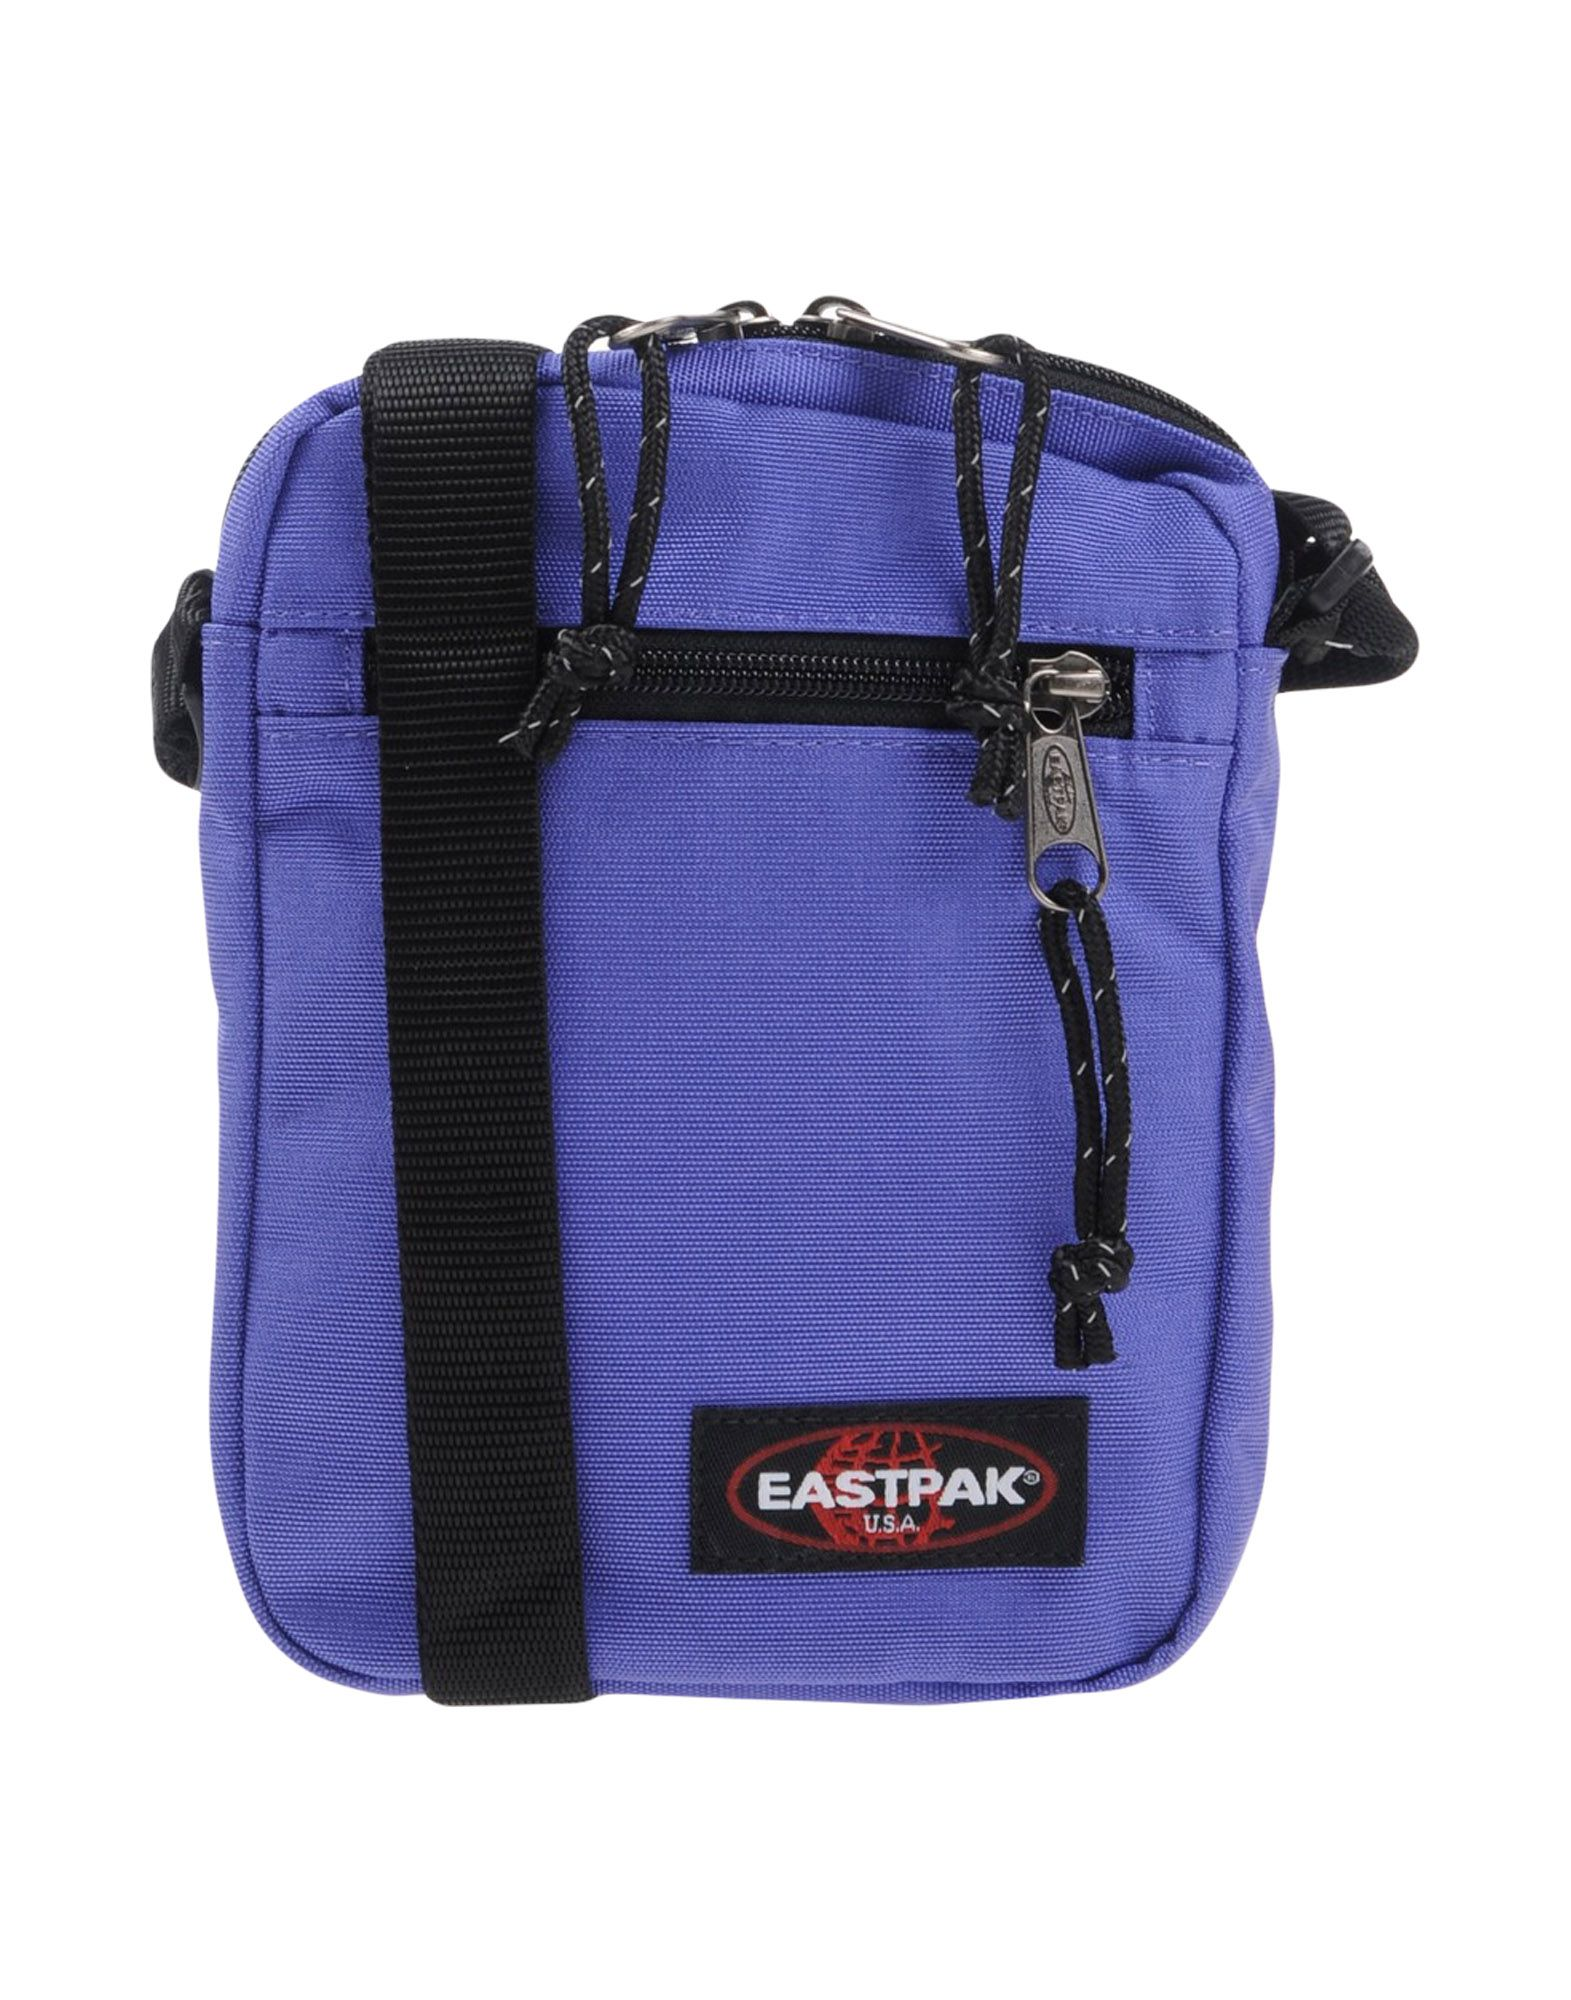 《送料無料》EASTPAK メンズ メッセンジャーバッグ パープル 紡績繊維